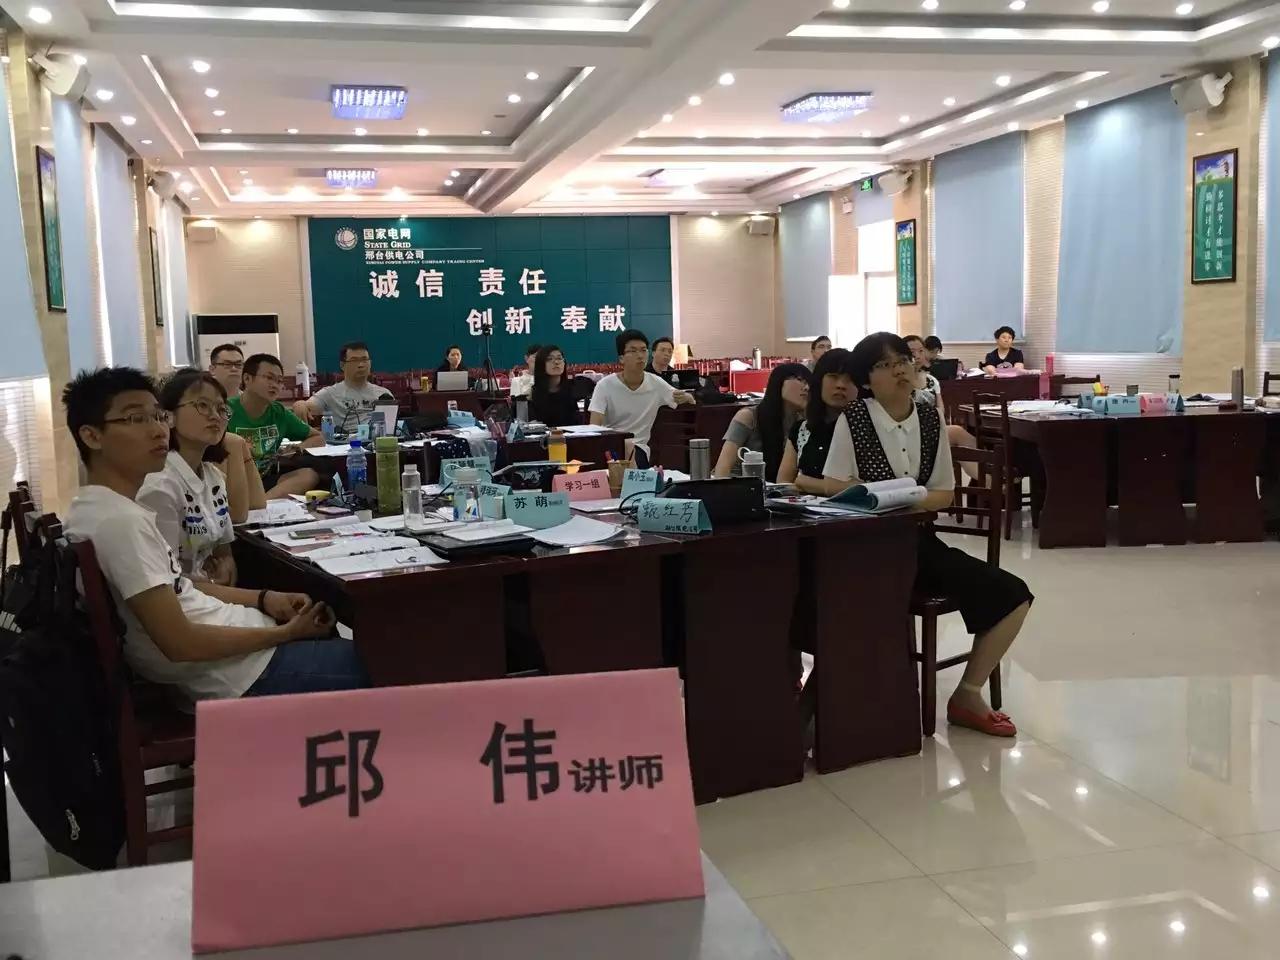 国家电网–内训师赛前培训指导 培训师邱伟